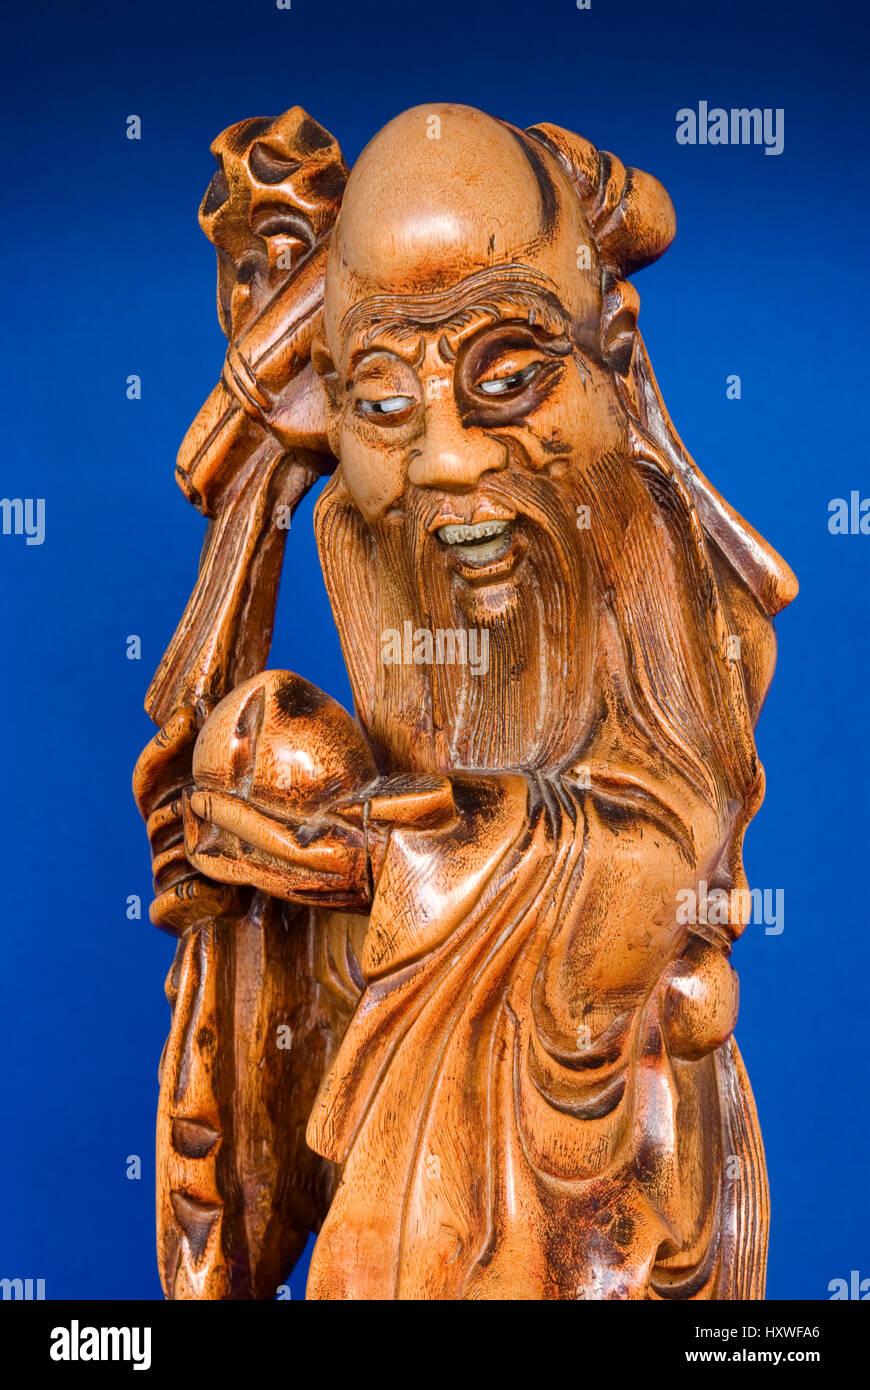 Shou Xing Chinese God of Longevity - Stock Image